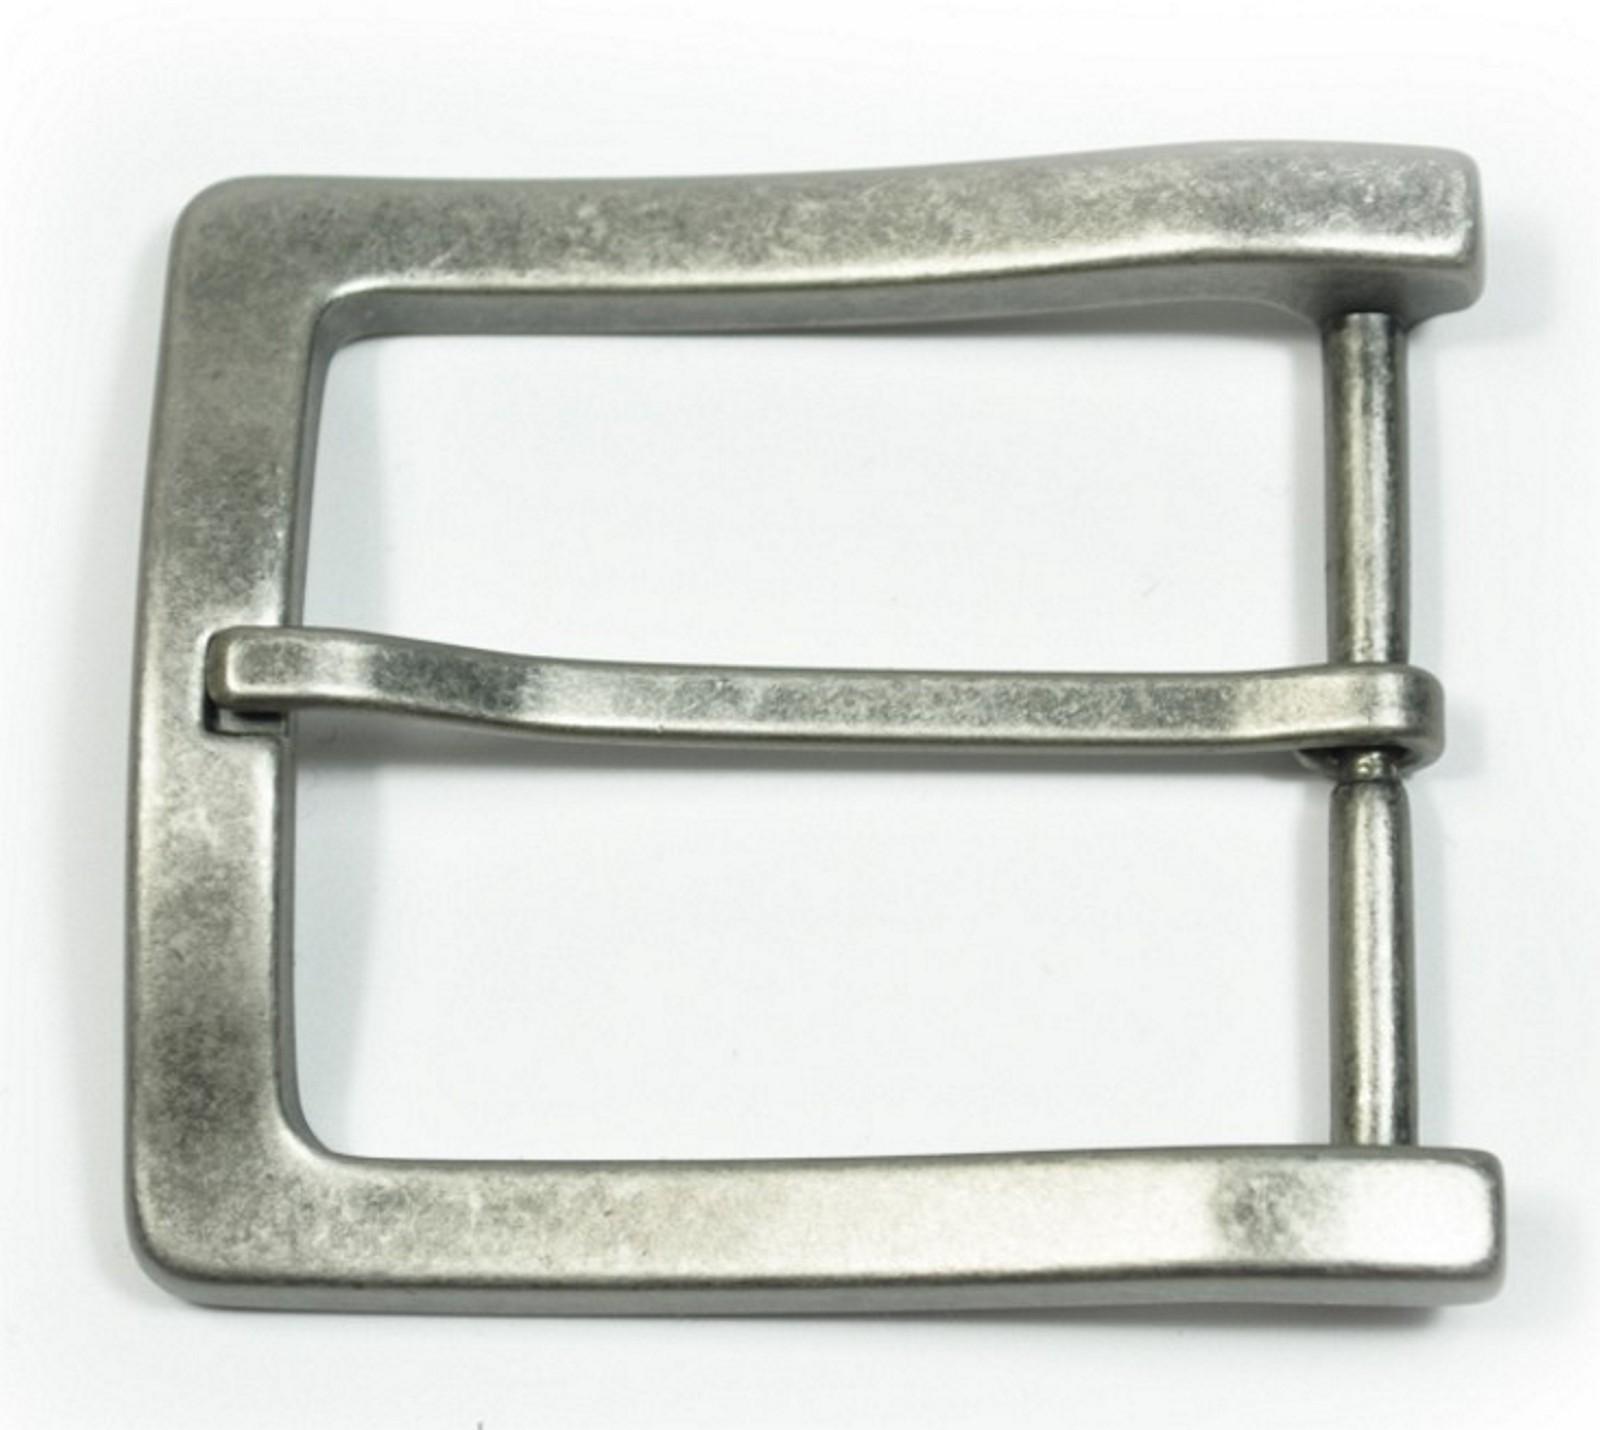 Schließe Buckle Gürtel-Schnalle Lilie Metall gold Used Wechselschließe Schnallen